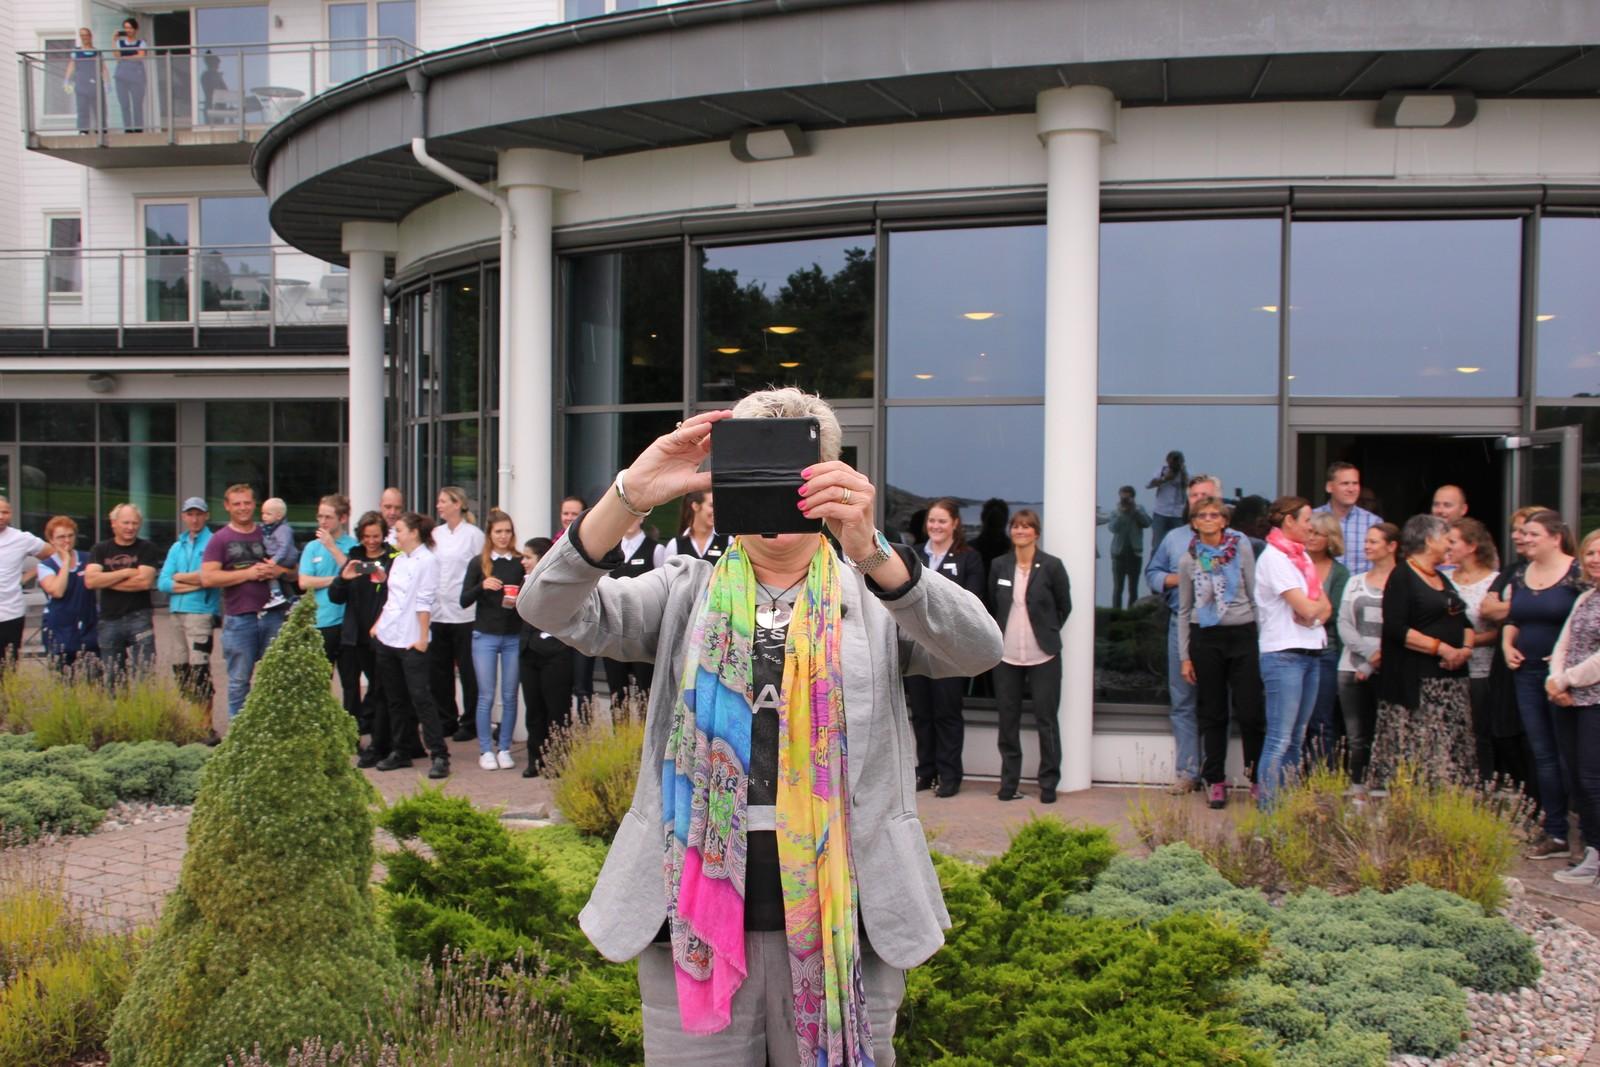 Mange av de ansatte møtte opp da Agnes Berntsen takket for seg. På søndag skal de ha en sommerfest som også vil fungere som avskjedsfest for Berntsen.